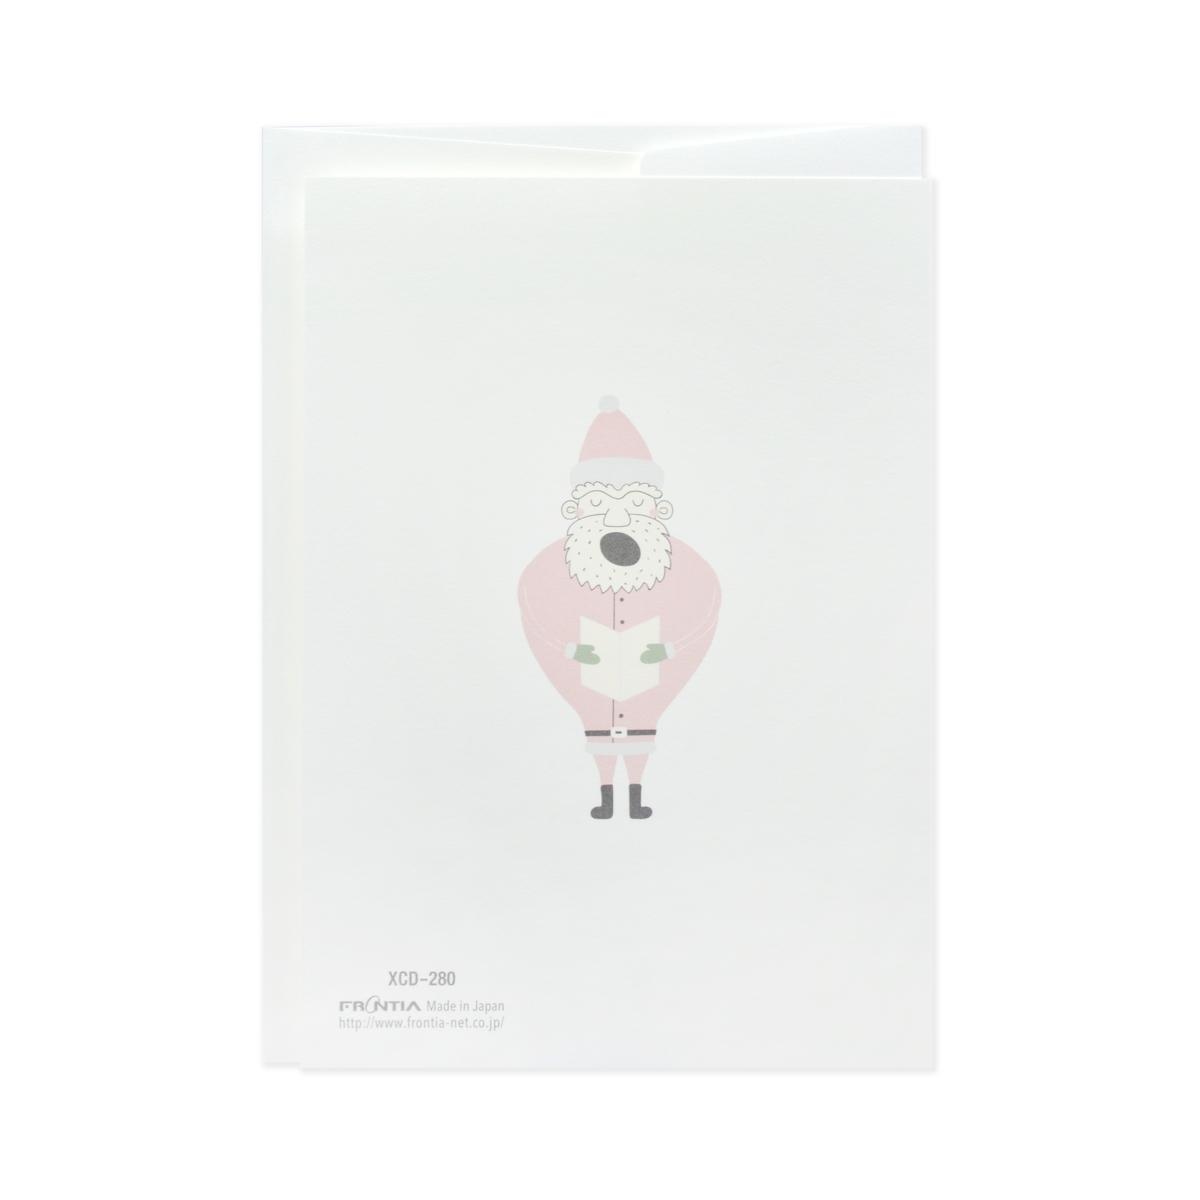 クリスマスカード クラシック パステルサンタトモダチ|xcd-280